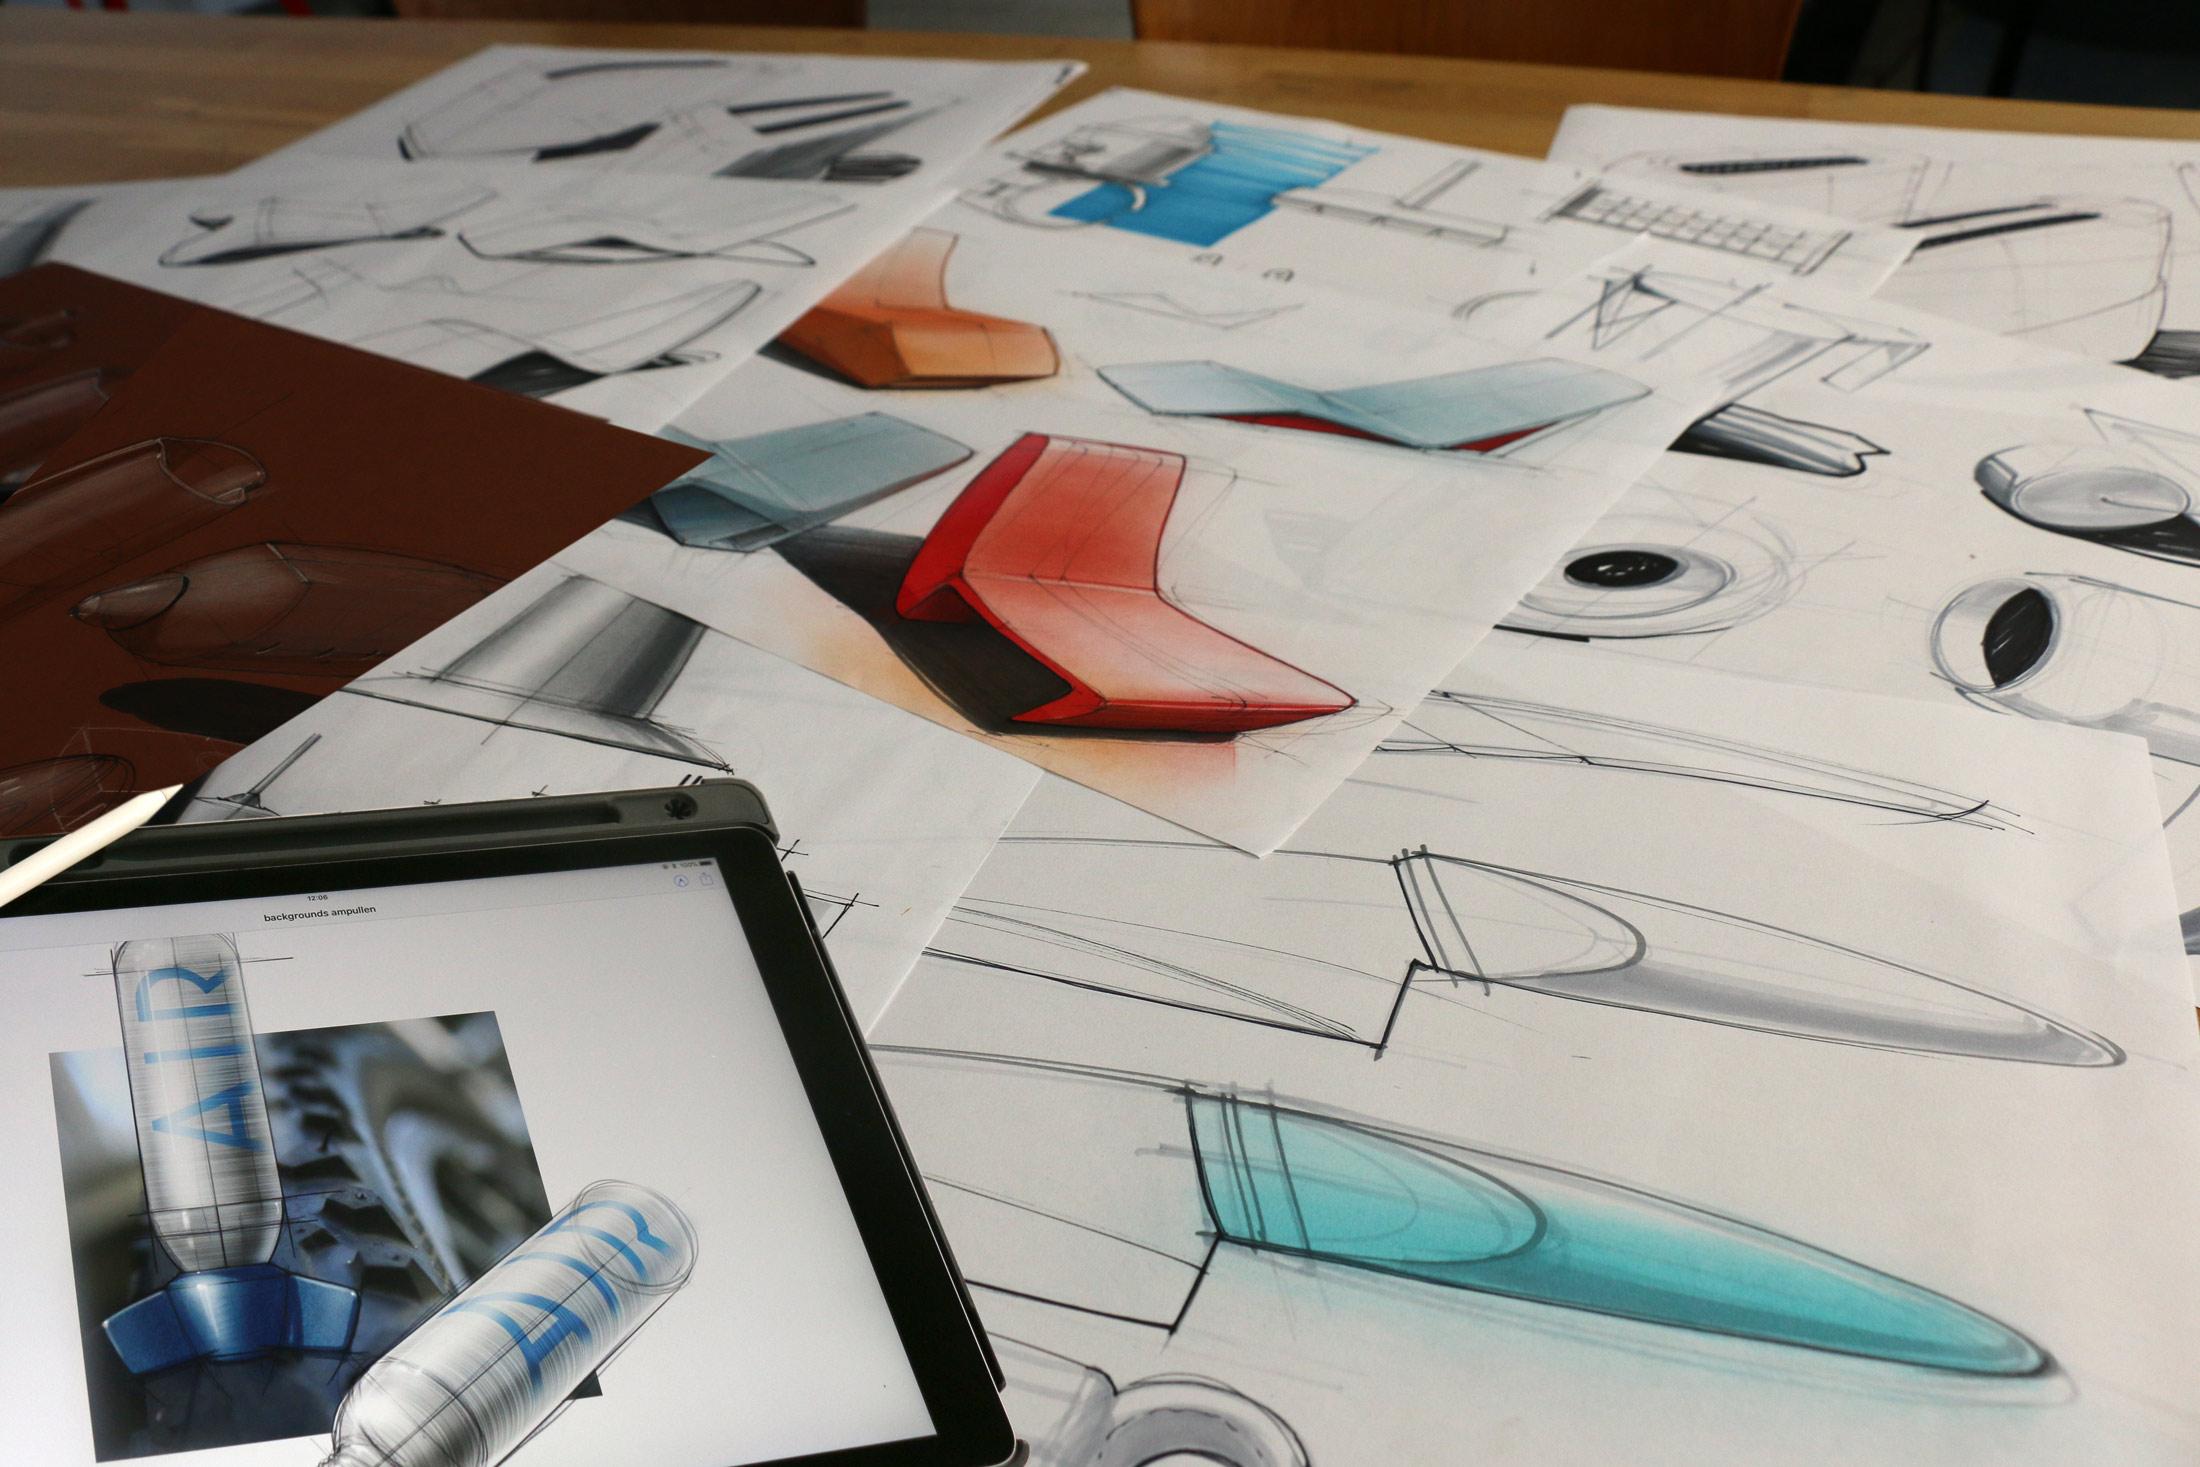 Onze Studio Is Gespecialiseerd In Design Sketching Produkt Ontwerp Visualisaties En Works Voor Klanten Wereldwijd